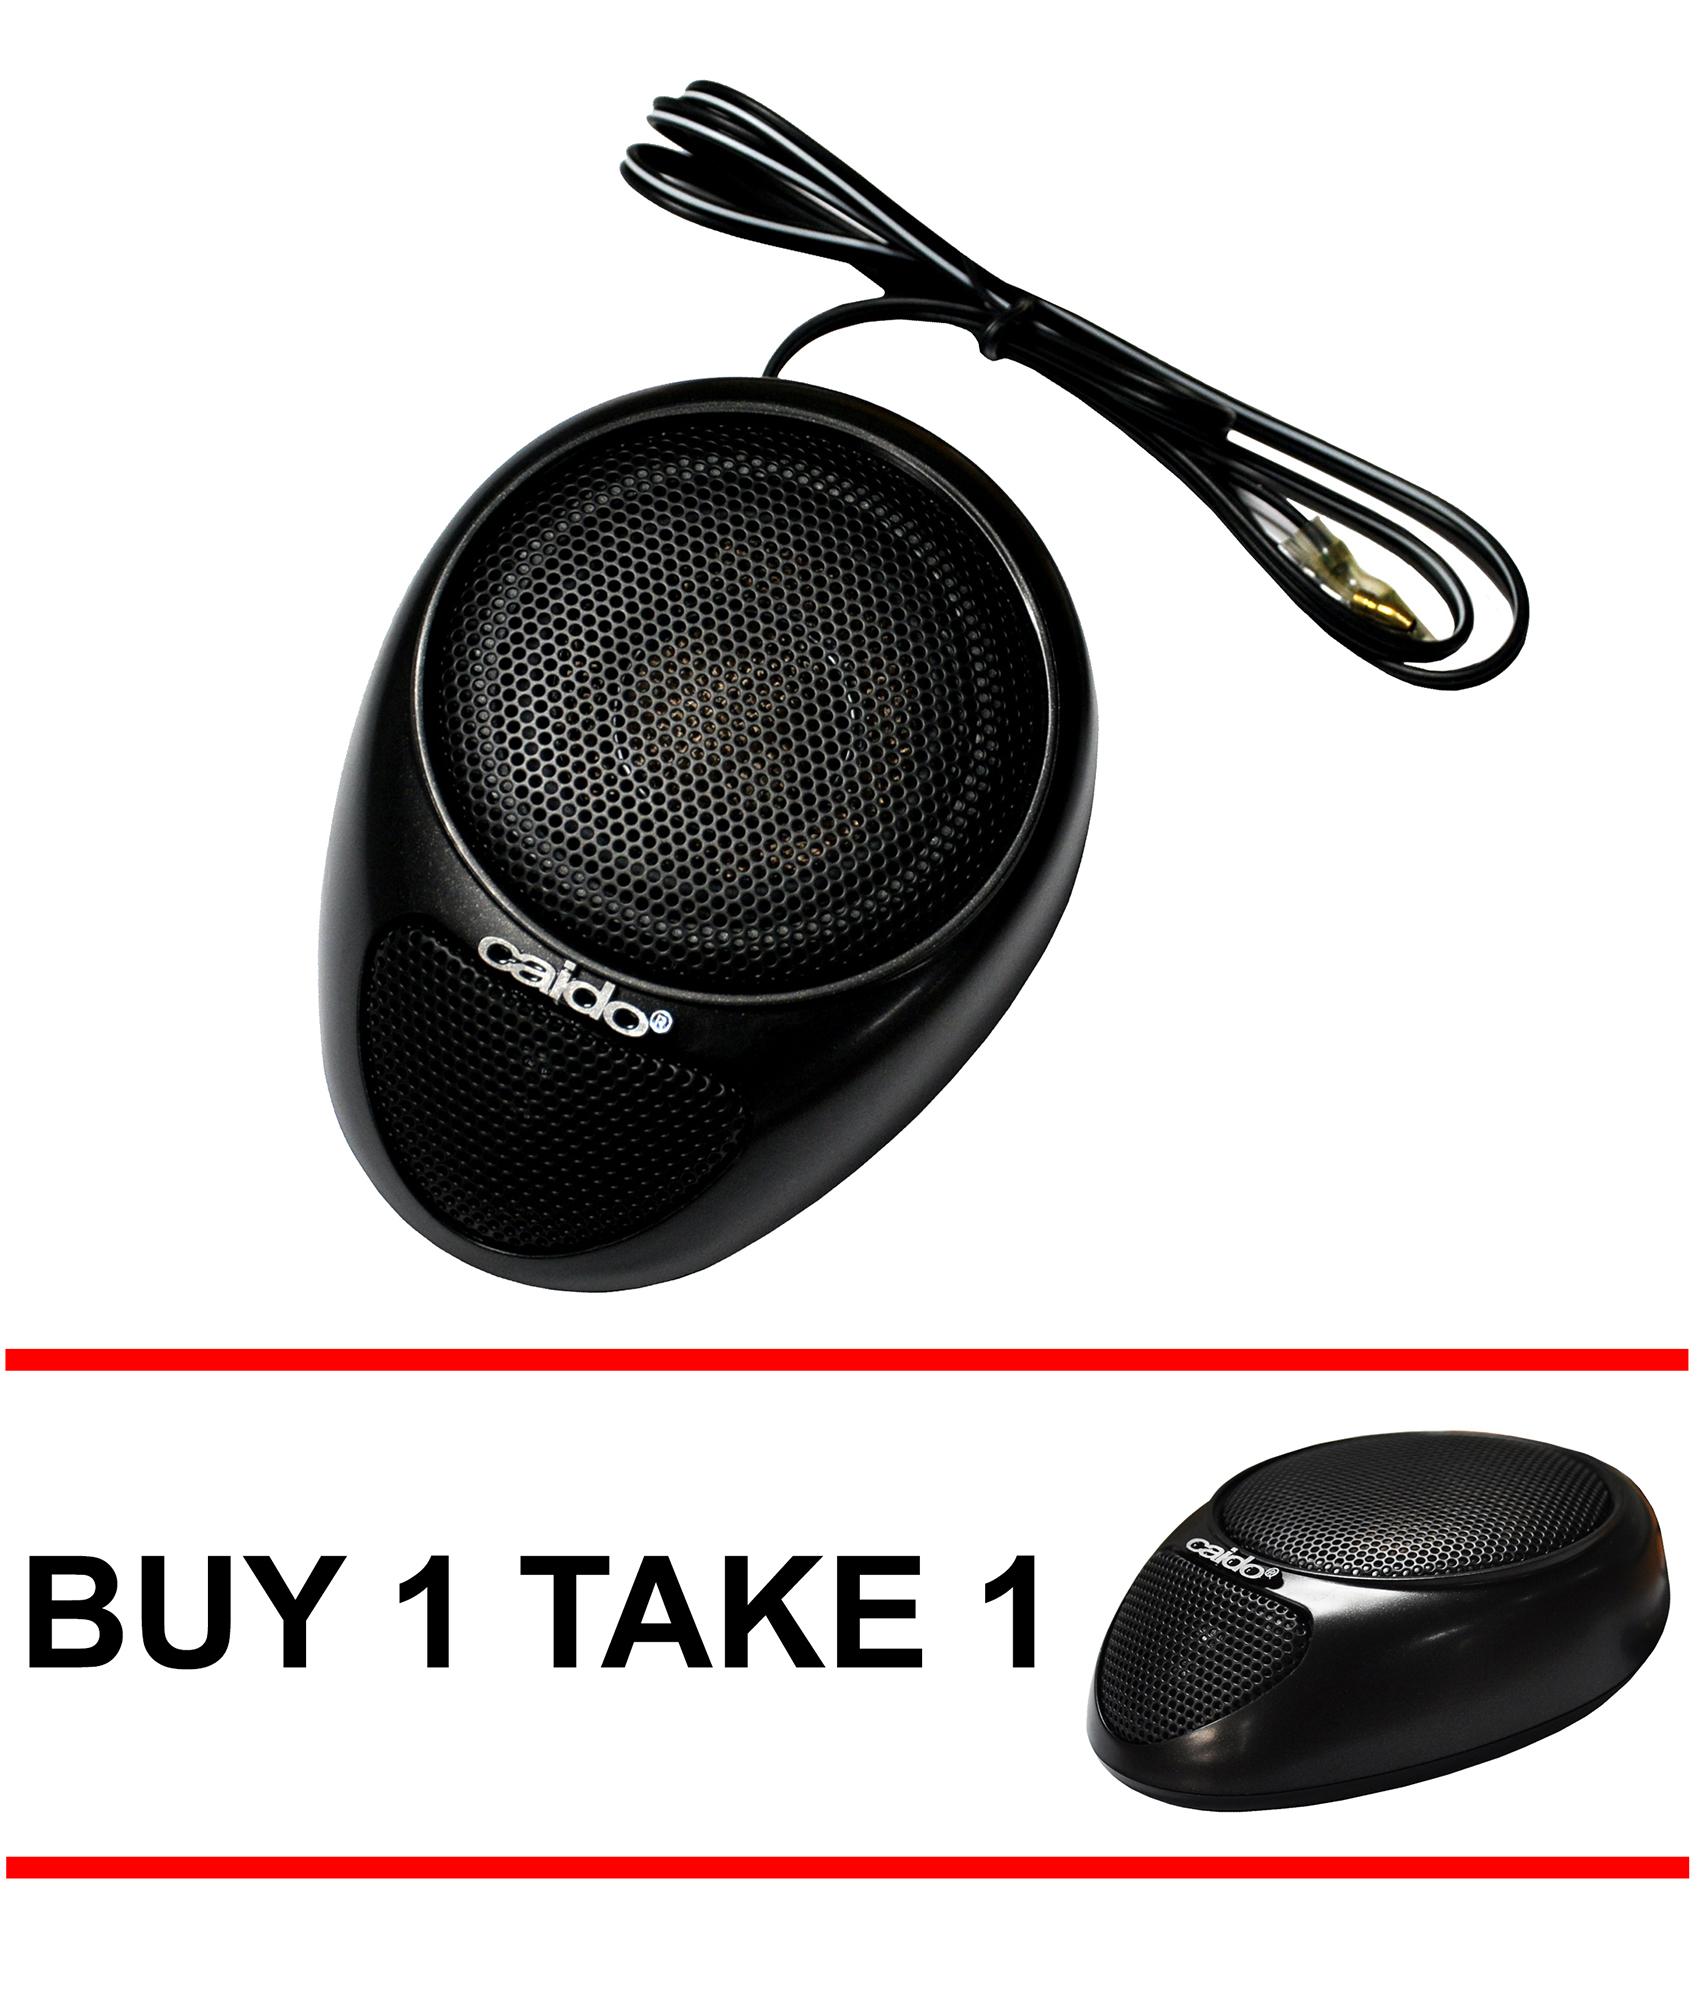 Caido CAV 5428 2-Way Center Speaker System